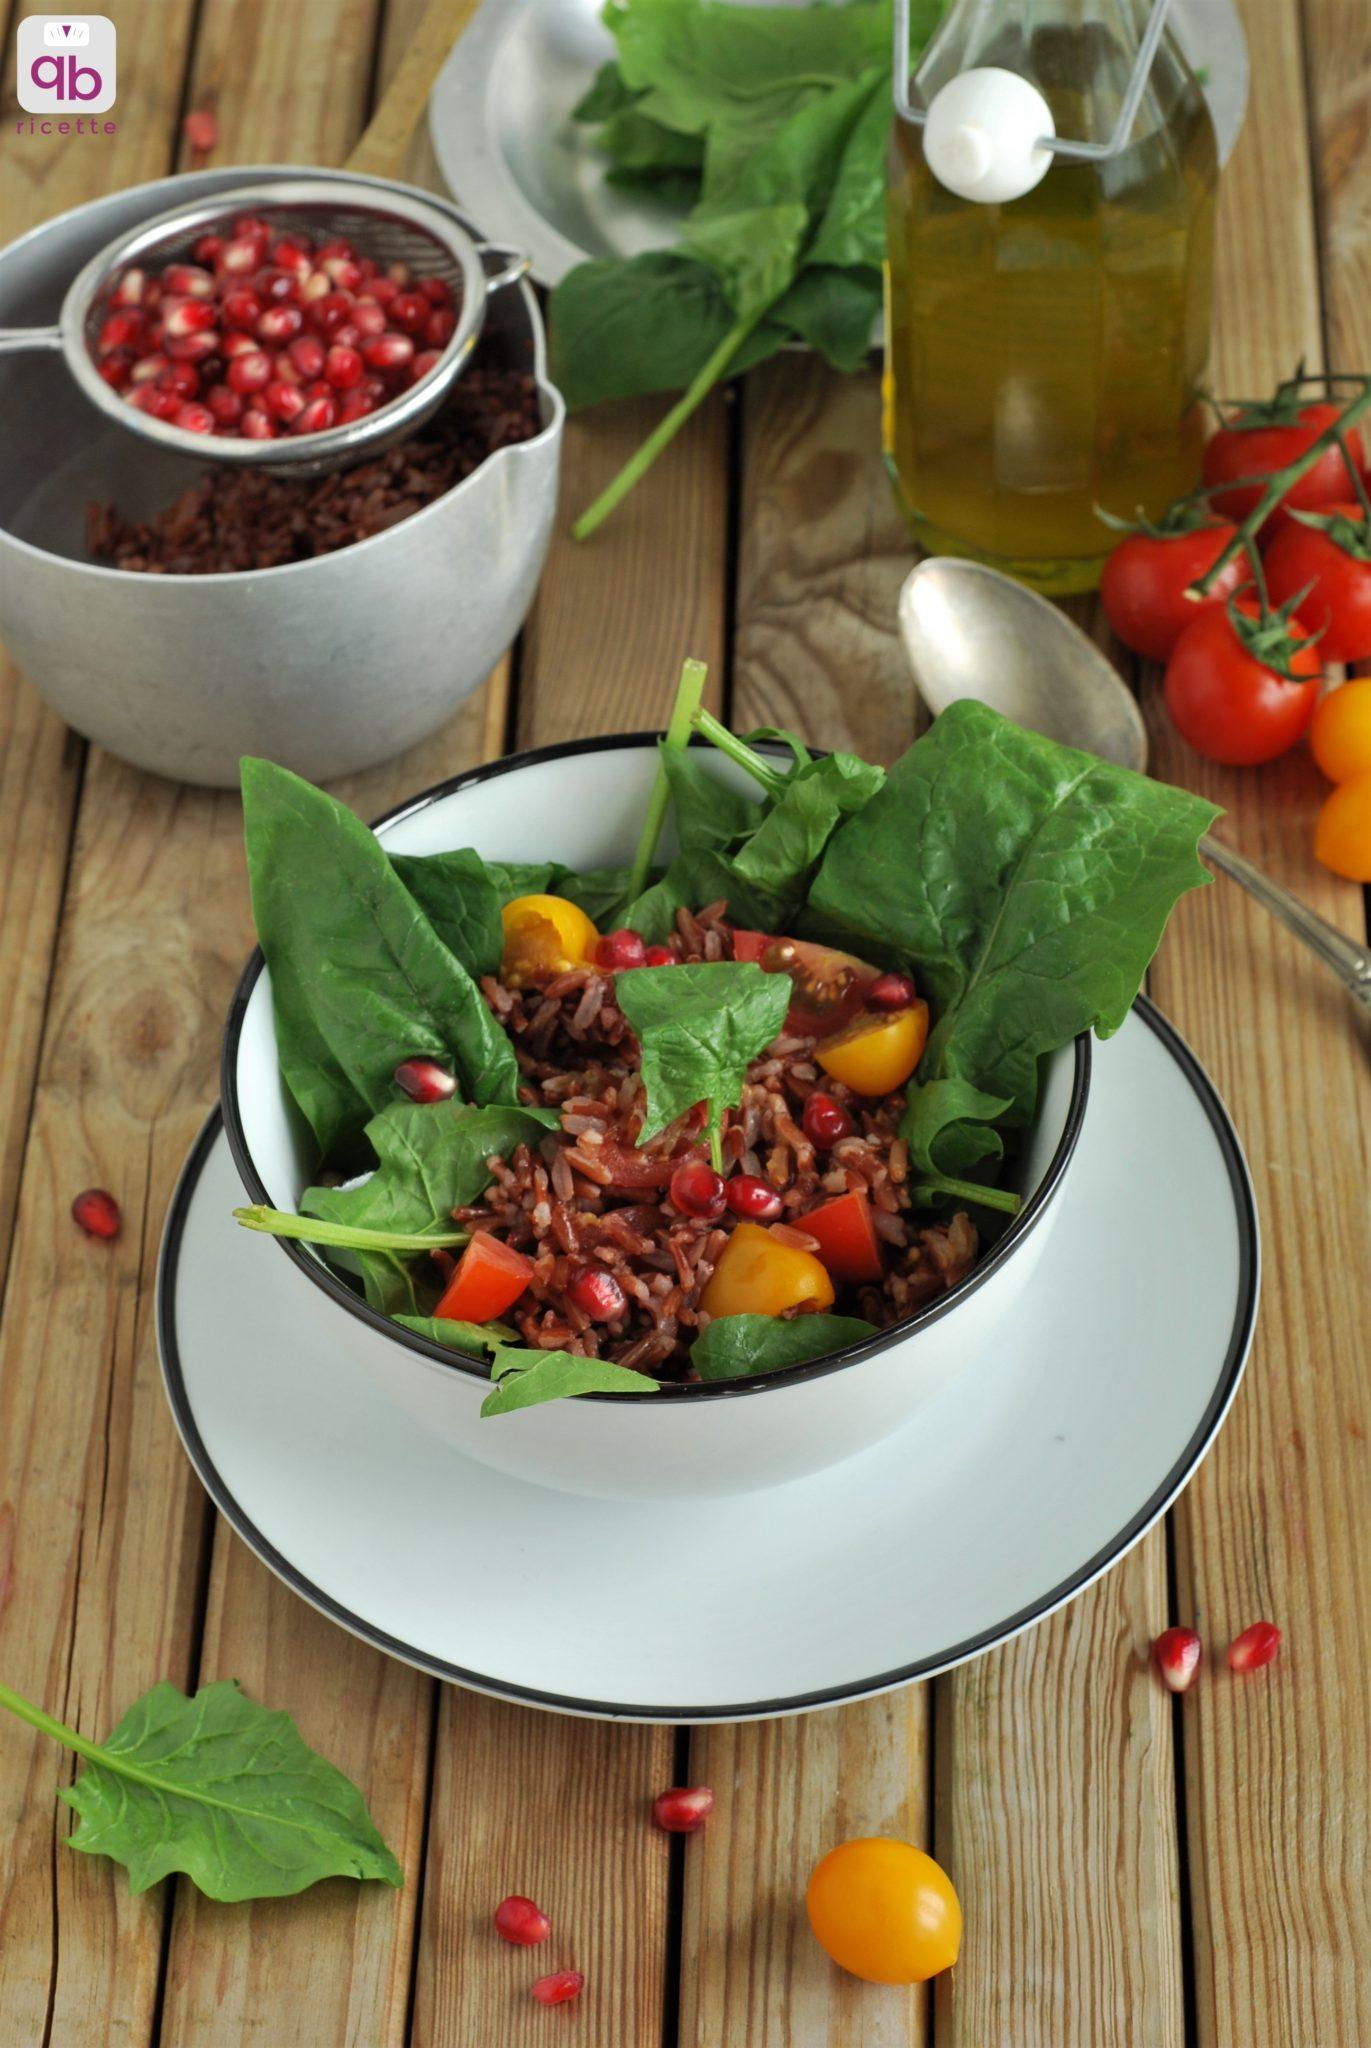 insalata di riso rosso con spinaci e melograno